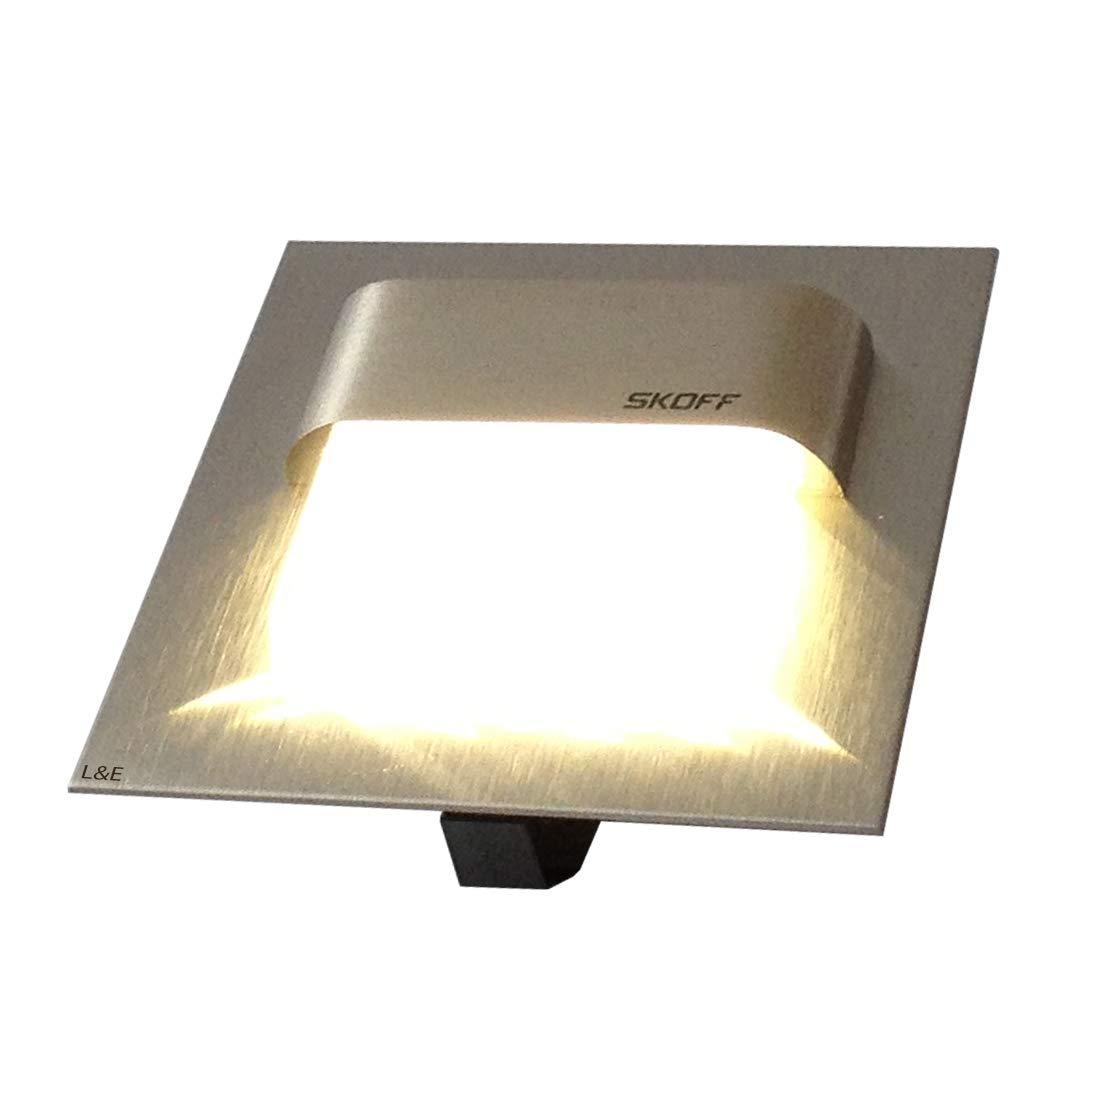 SKOFF LED Treppenbeleuchtung 2er Set TANGO (2er bis 7er Set) Edelstahl gebürstet. Lichtfarbe  warmweiss, 10V 0,8W IP20. Wandbeleuchtung. Set inklusive 2 LED Leuchten u. 1 Trafo. Bitte wählen Sie die gewünschte Set Größe aus.